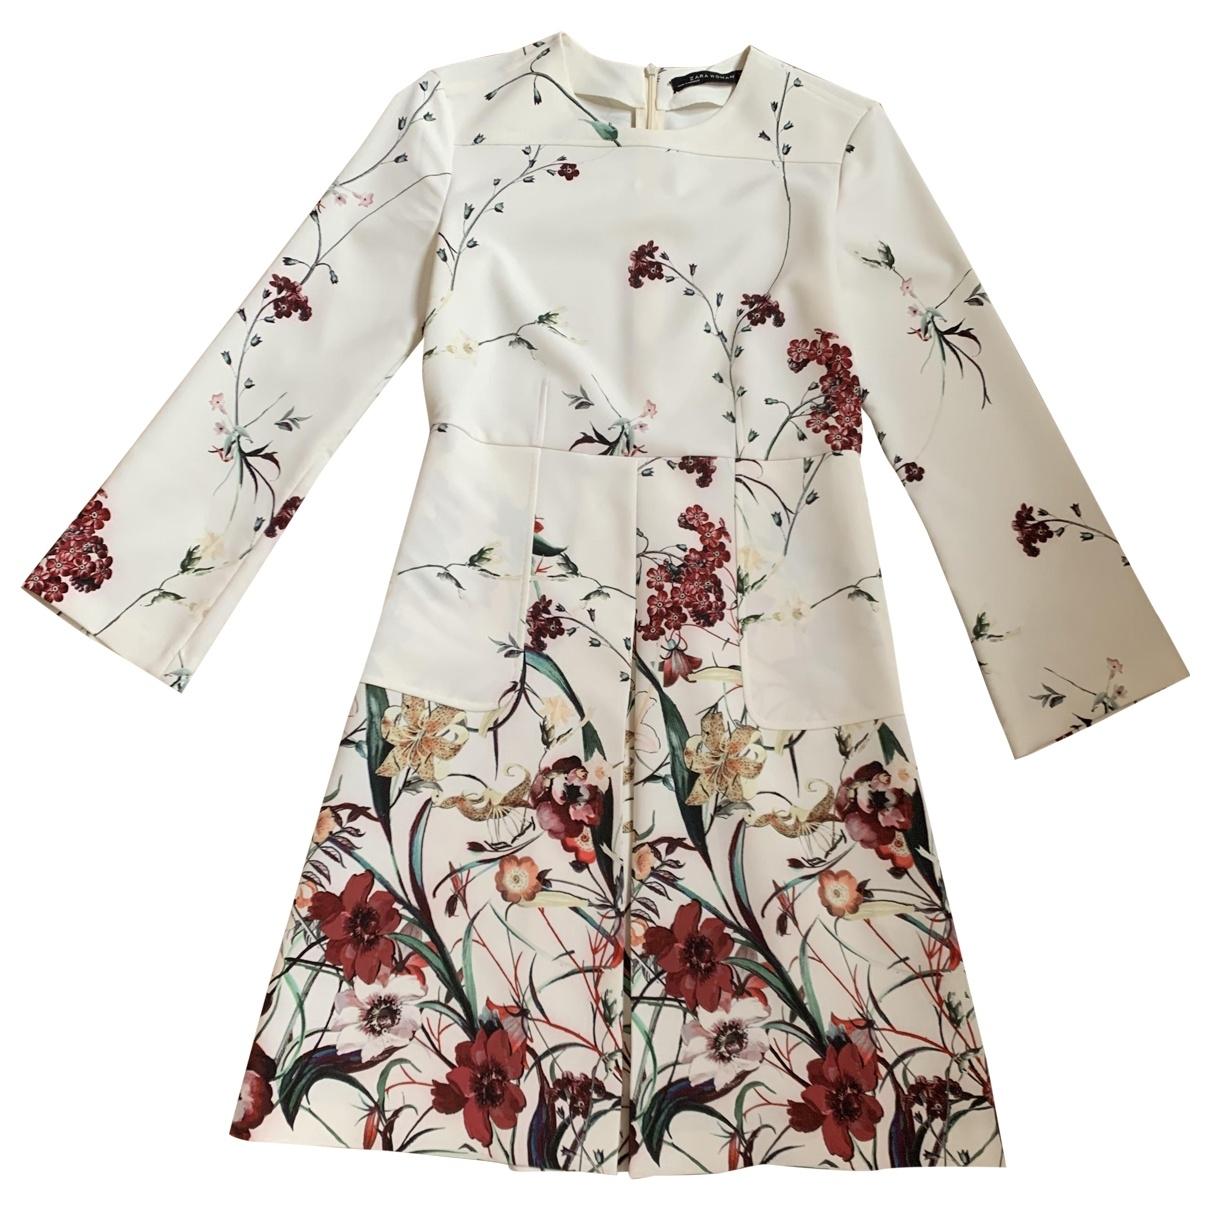 Zara \N Beige dress for Women S International